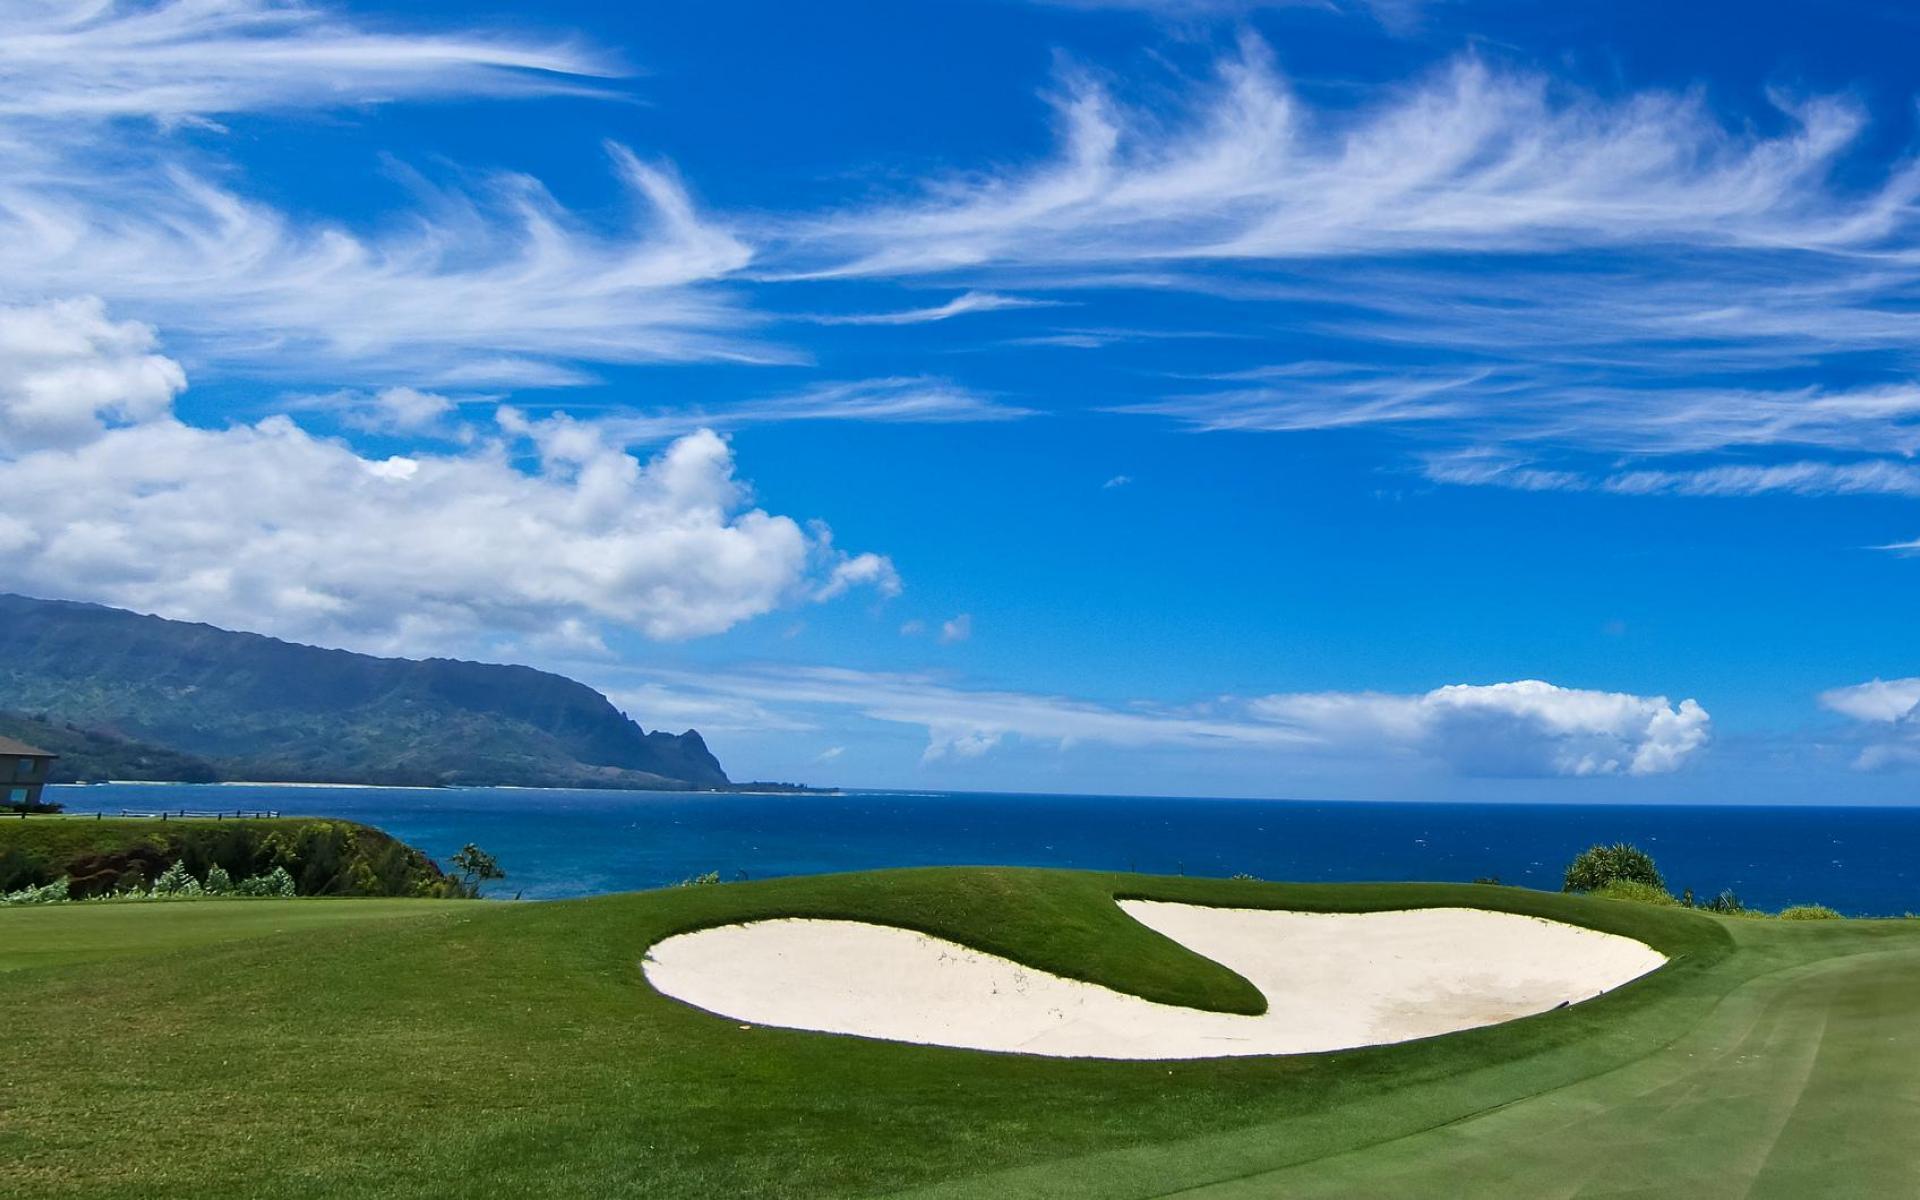 Bali hai golf course princeville kauai north shore hawaii HQ WALLPAPER 1920x1200